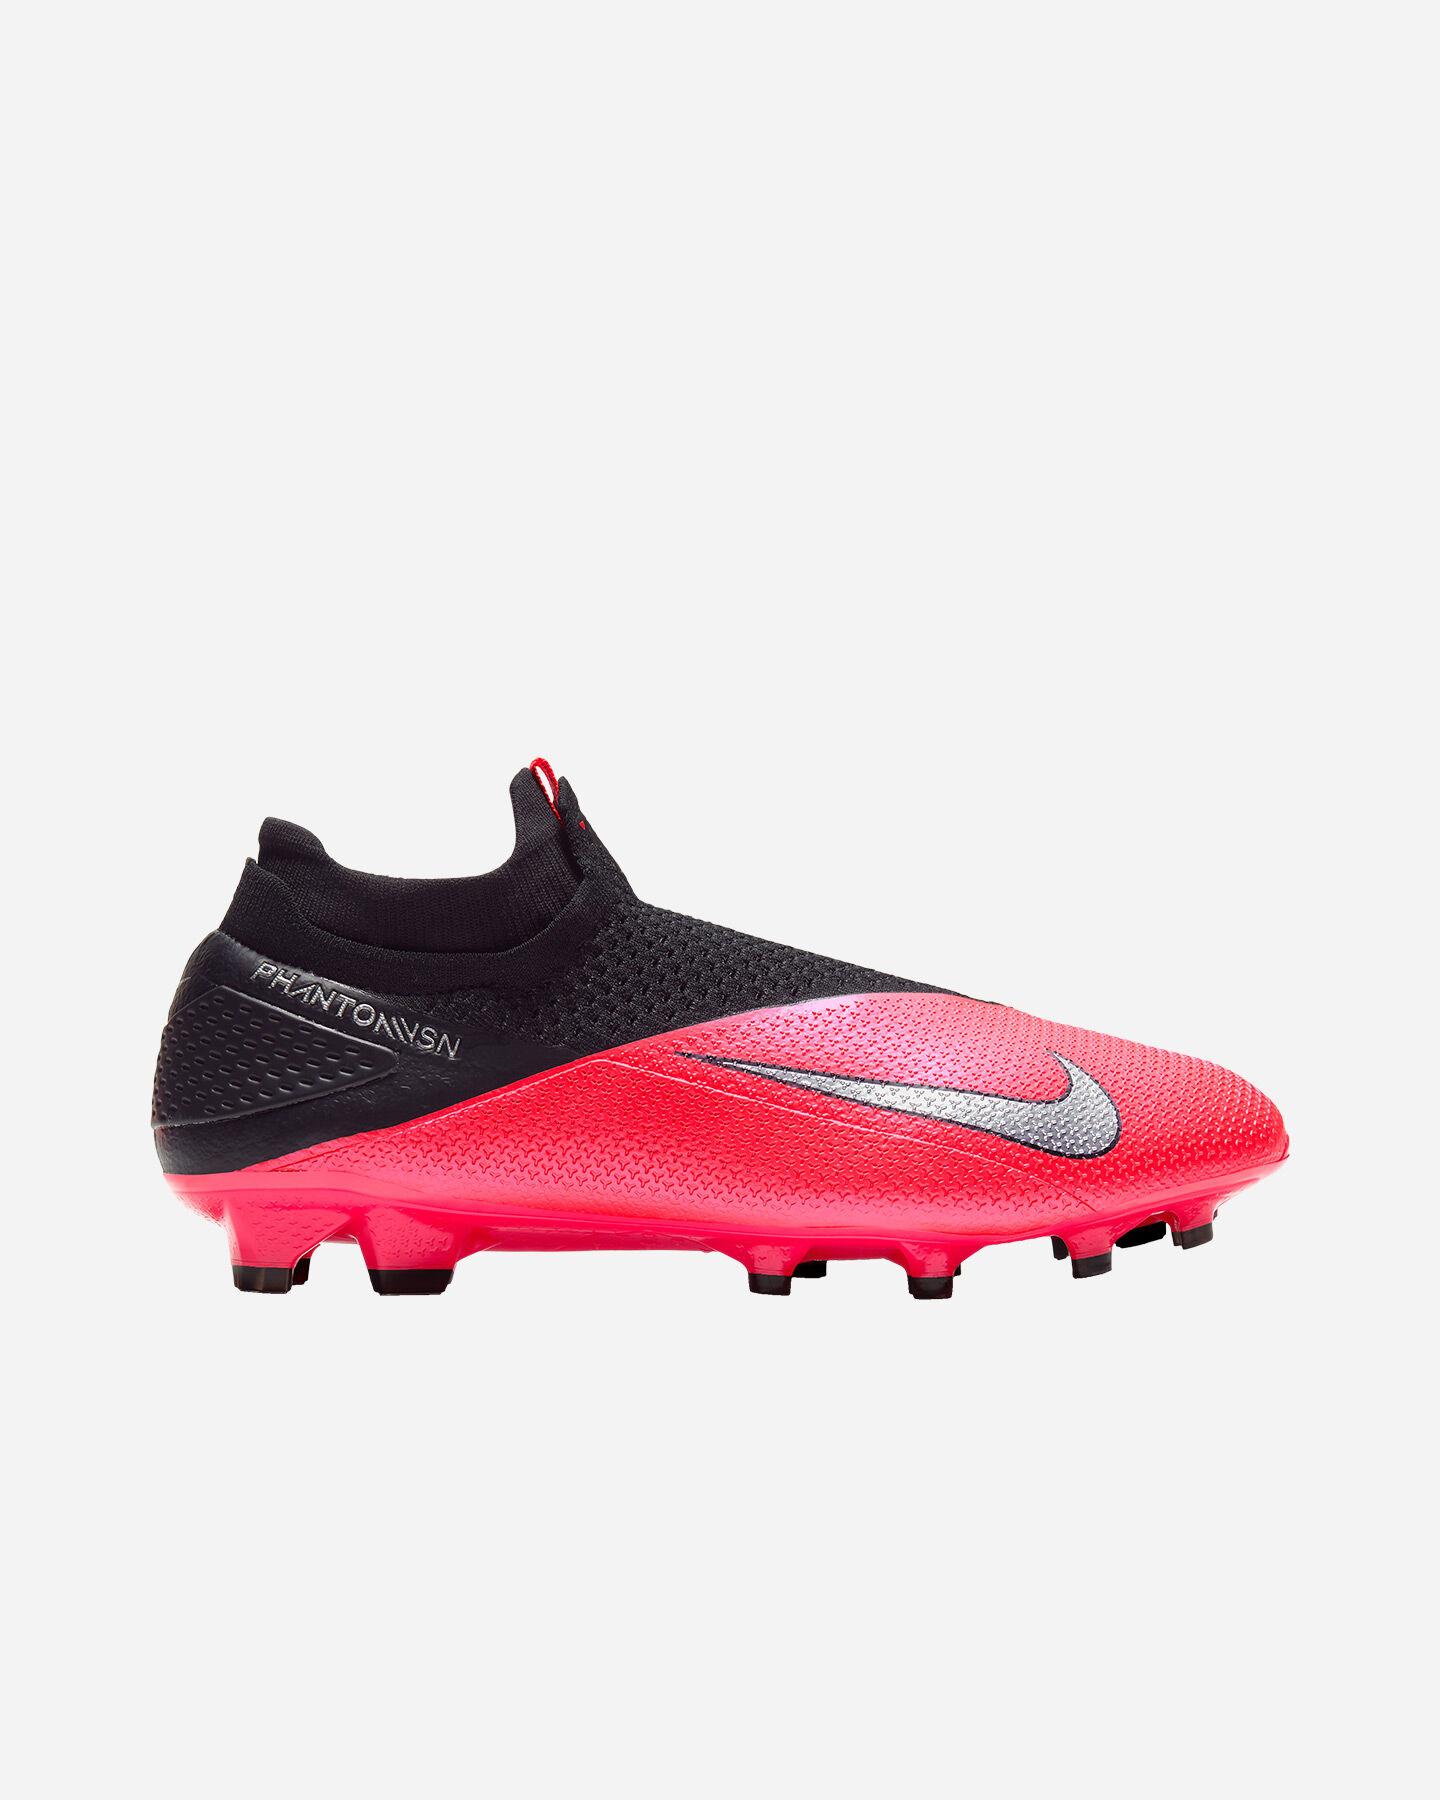 Collezione Nike Phantom: scarpe da calcio uomo e donna